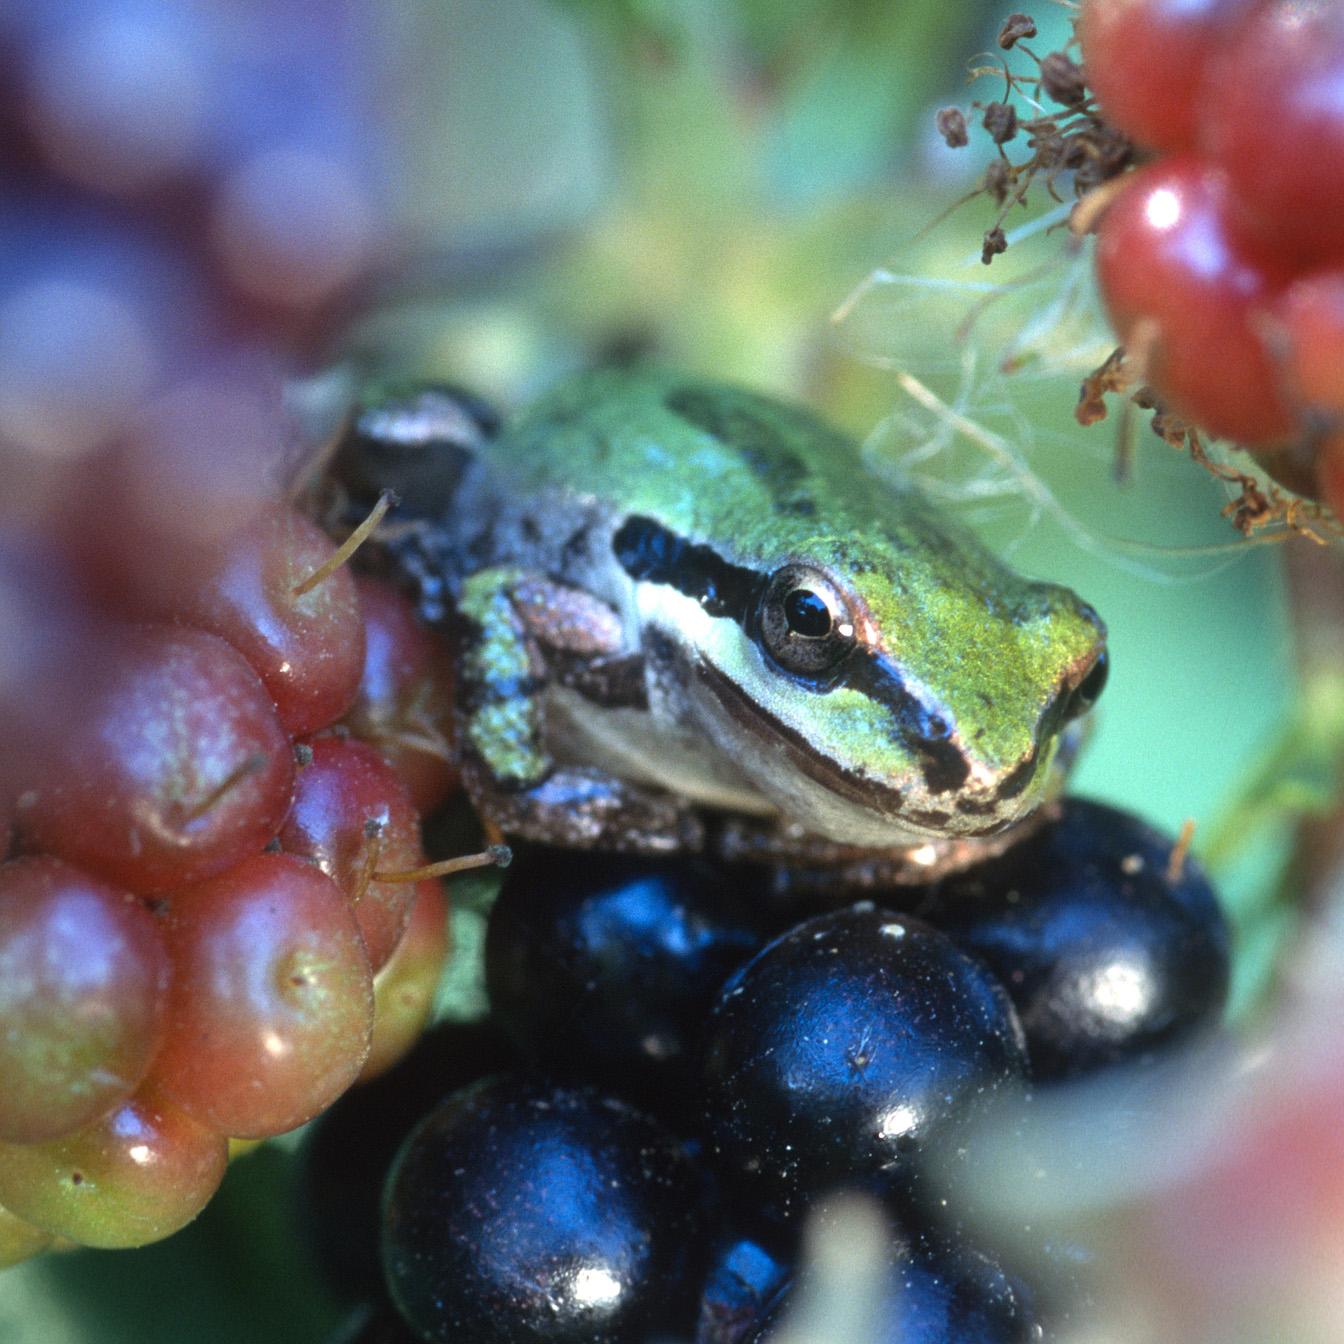 Pacific Treefrog in Blackberries